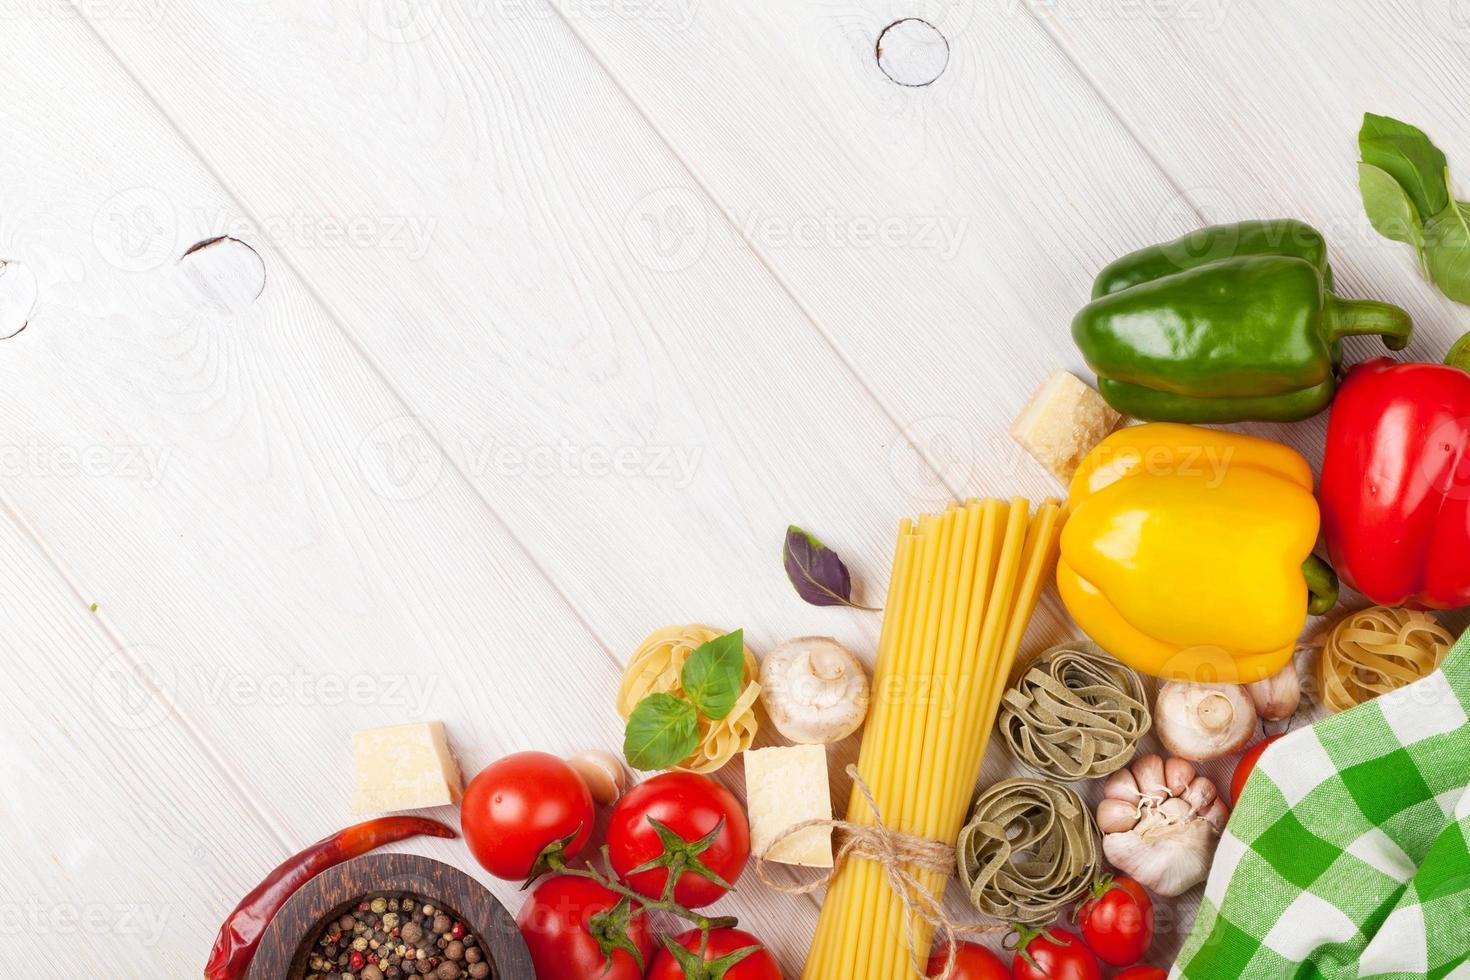 comida italiana ingredientes de cozinha. macarrão, tomate, peppes foto